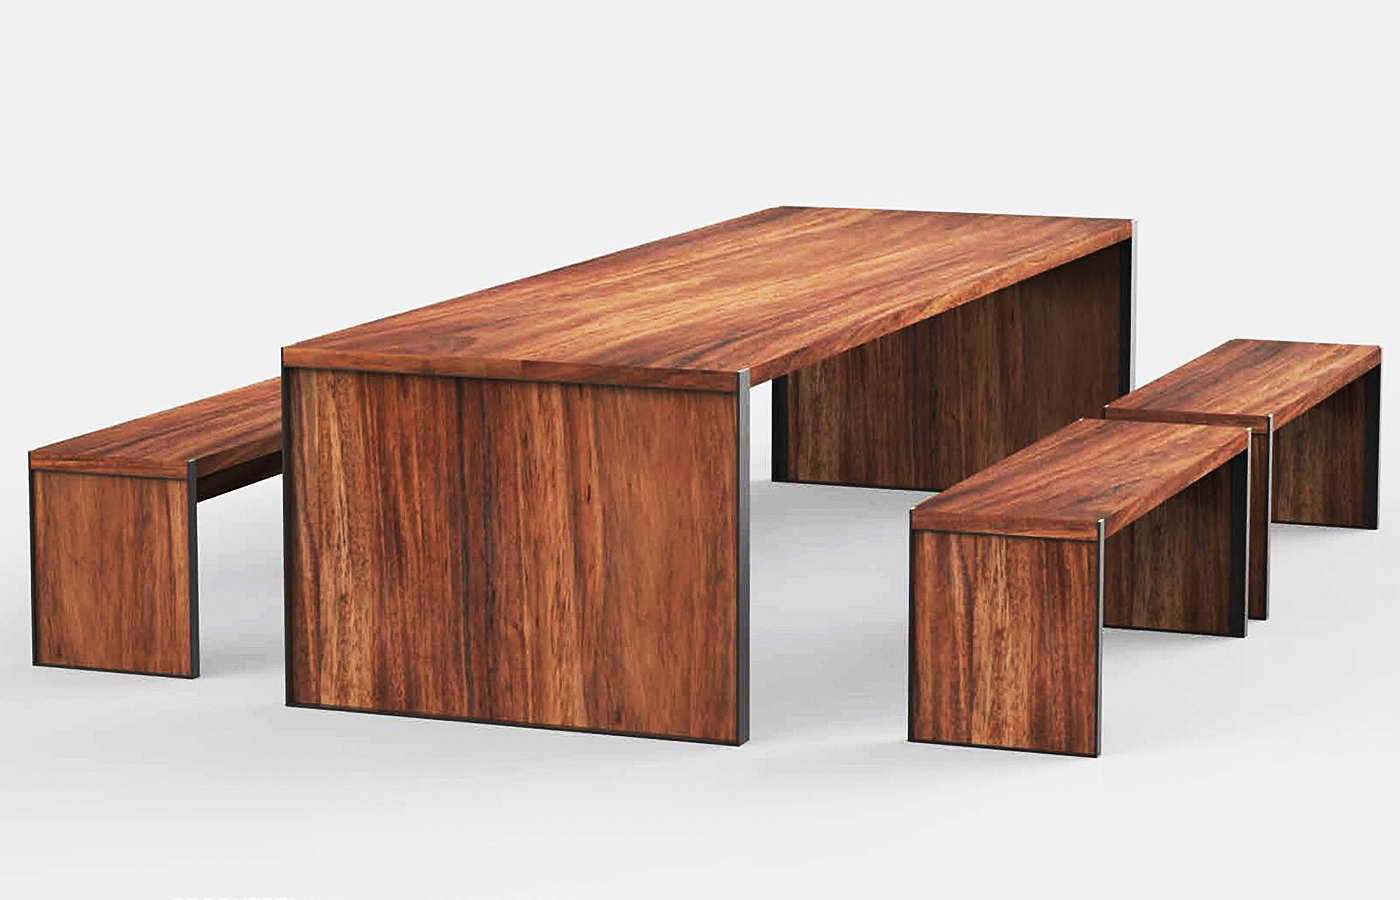 Muebles de exterior de madera parota finos y artesanales for Muebles exterior diseno moderno